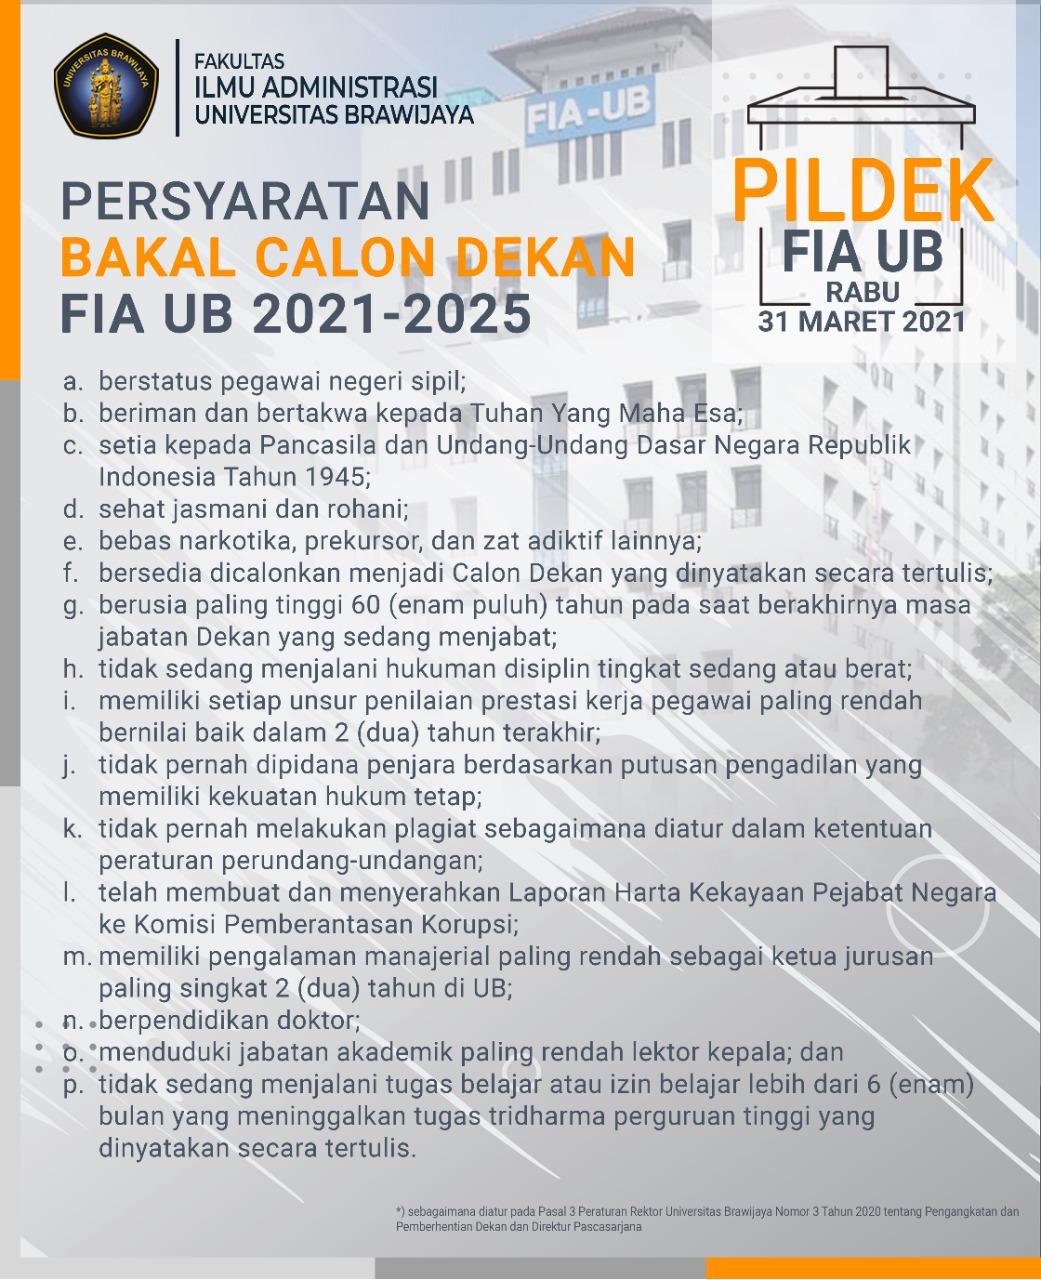 (Indonesia) Persyaratan Bakal Calon Dekan FIA UB Tahun 2021 – 2025